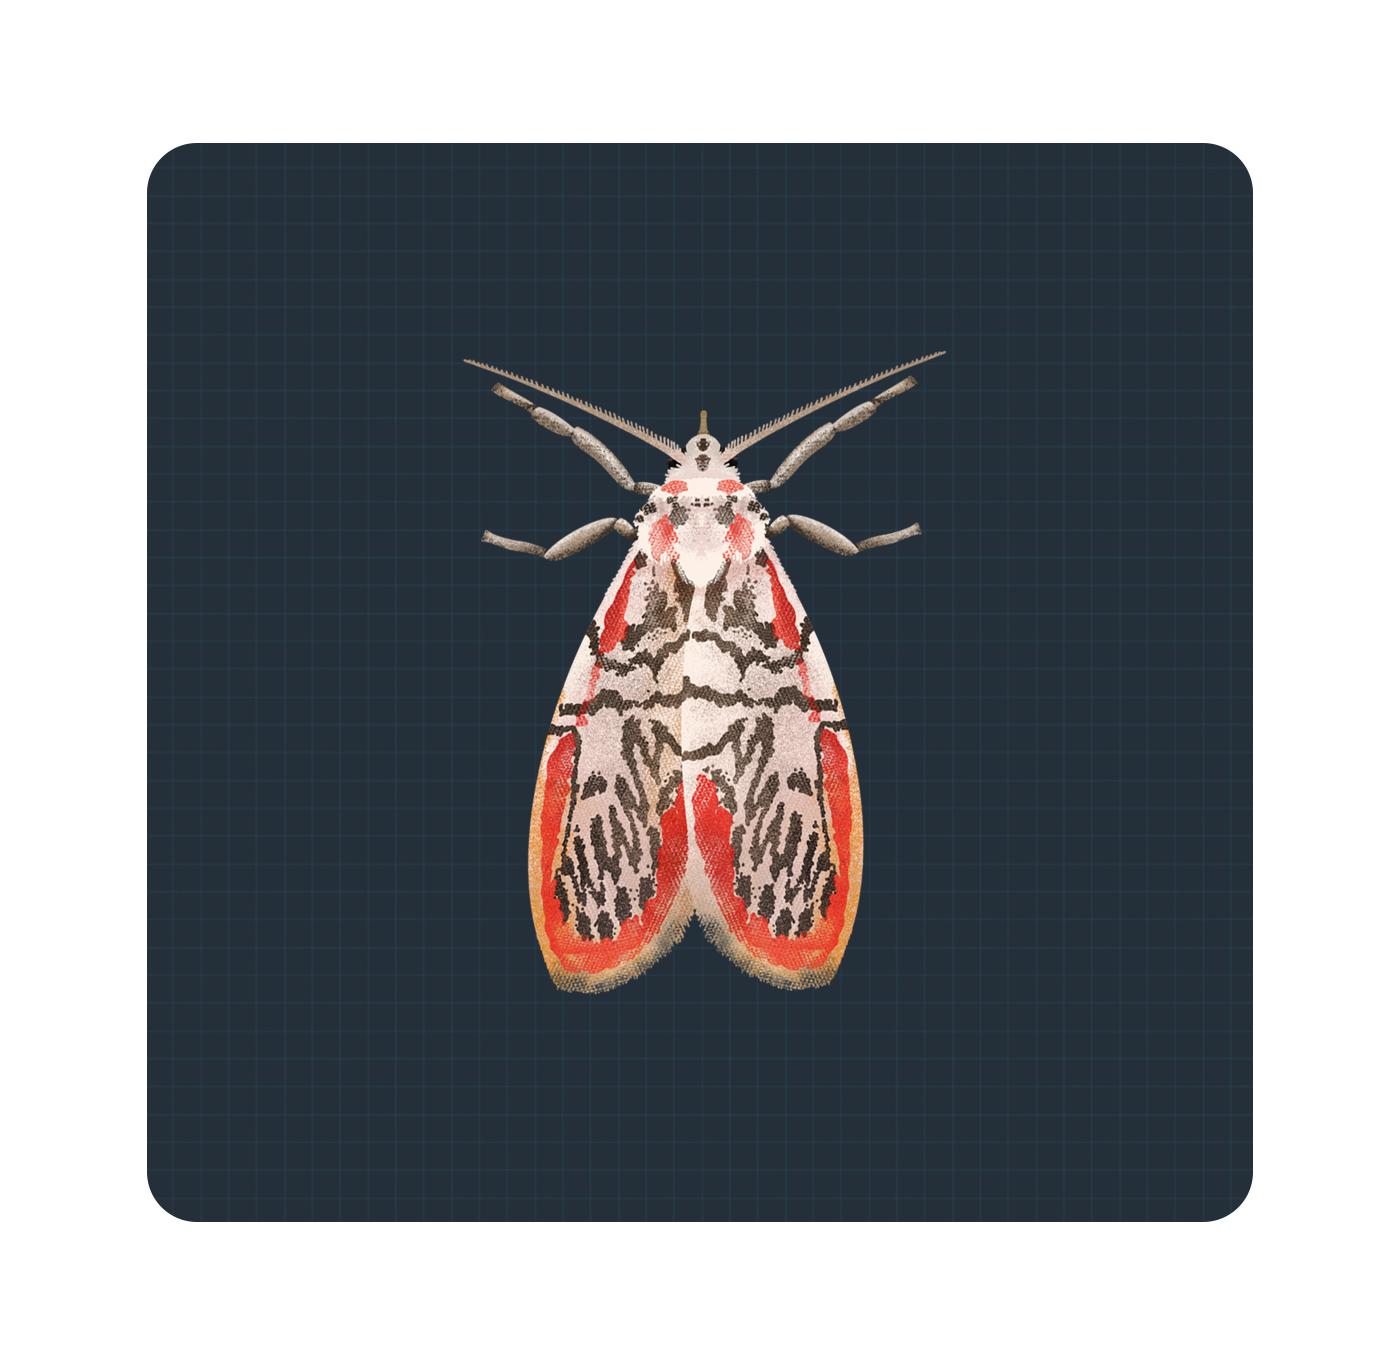 Moth Illustrations |  | Makemark